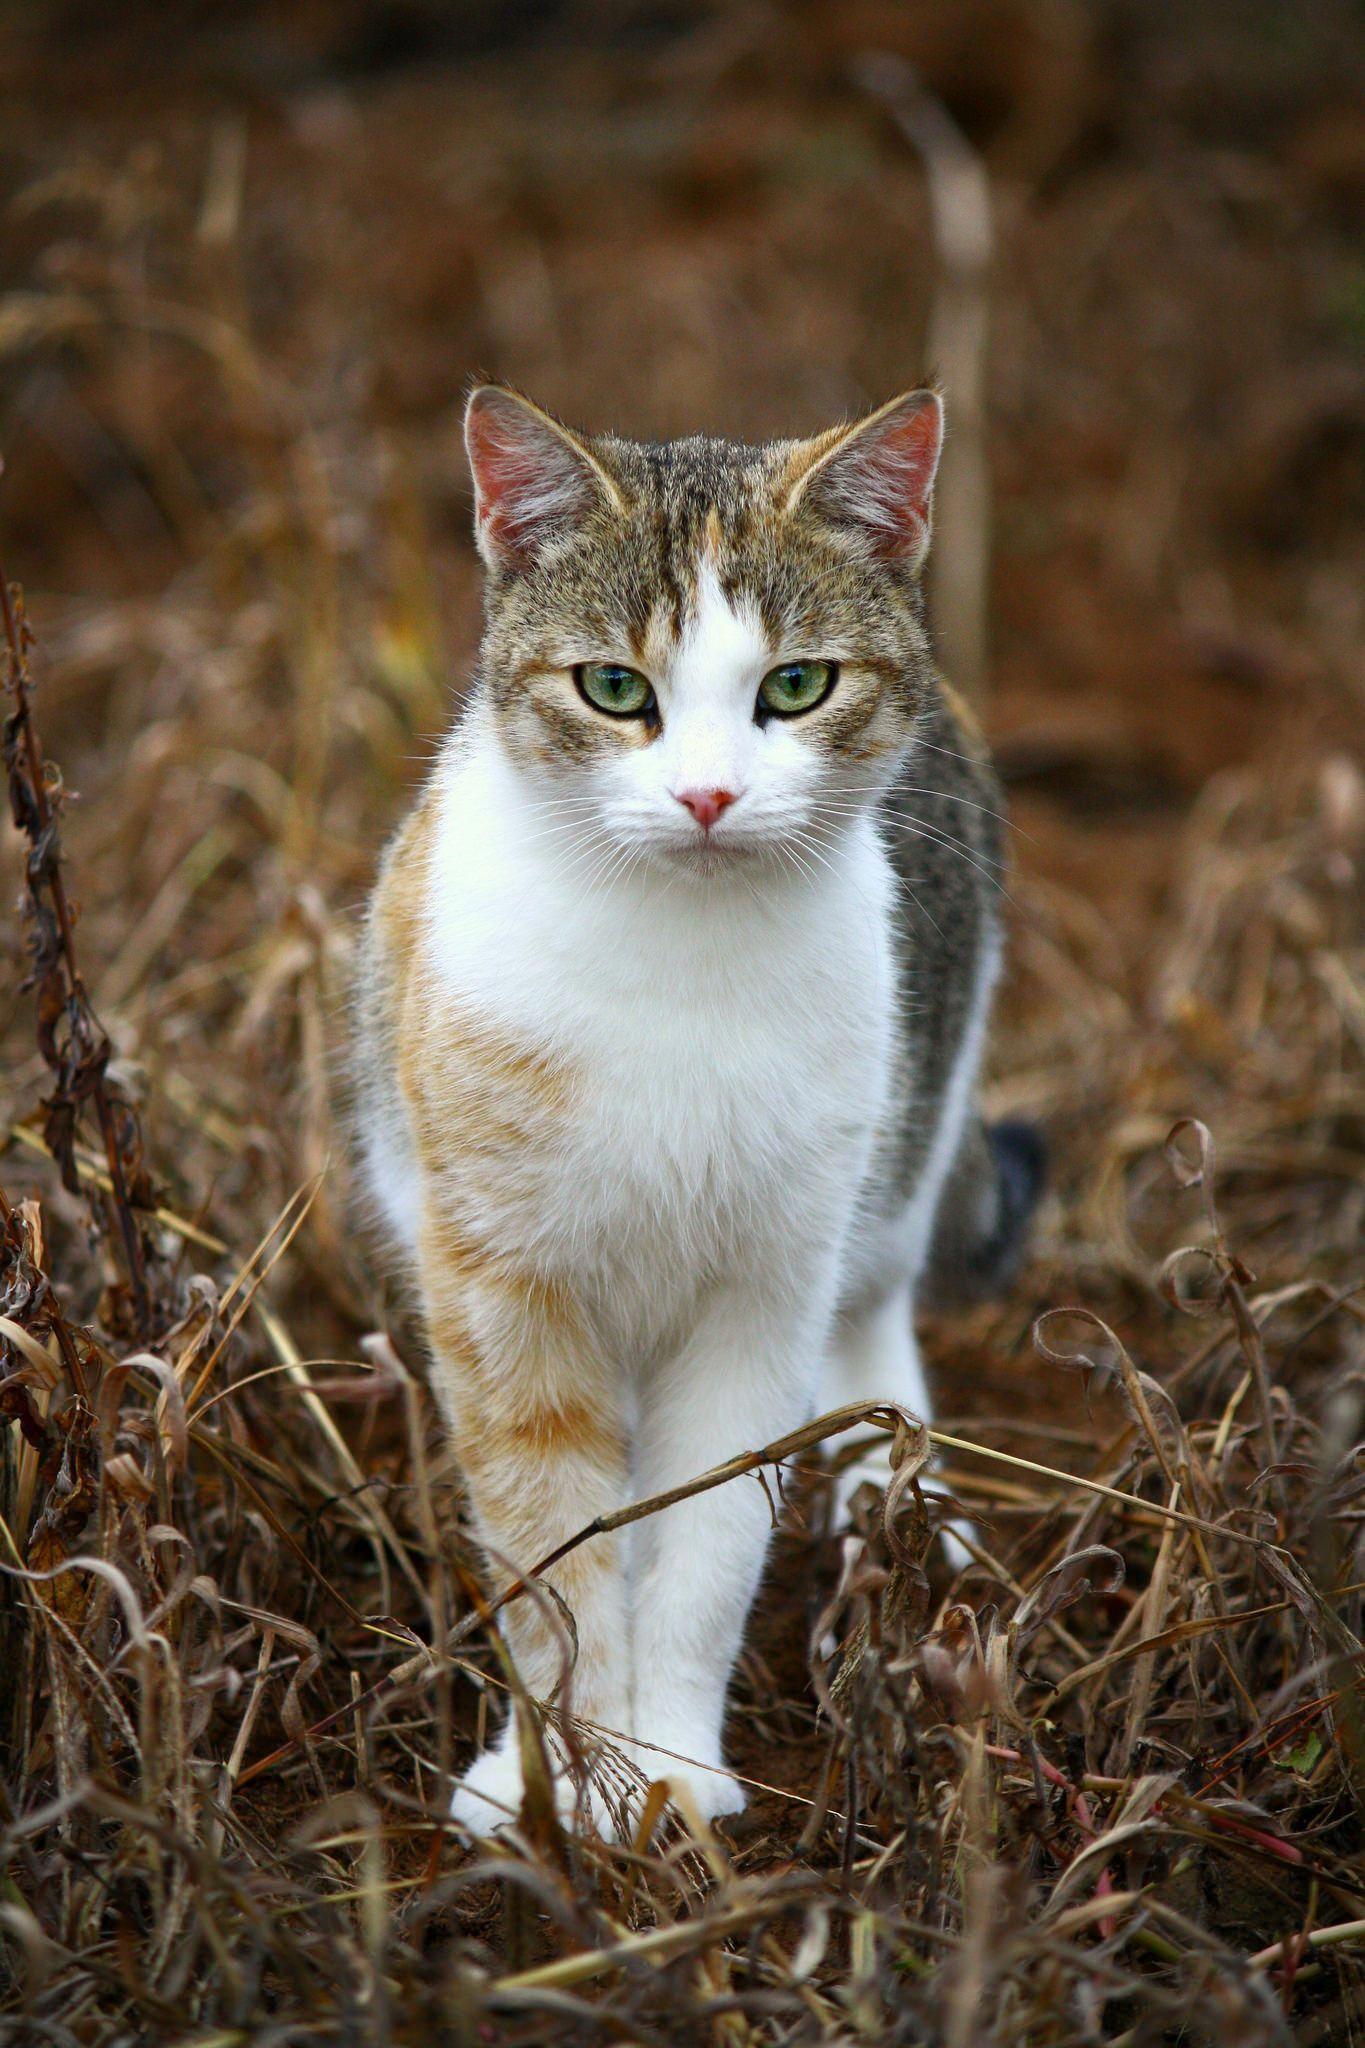 cute cat catsaesthetic Cute cats, Cool cats, Cute cats